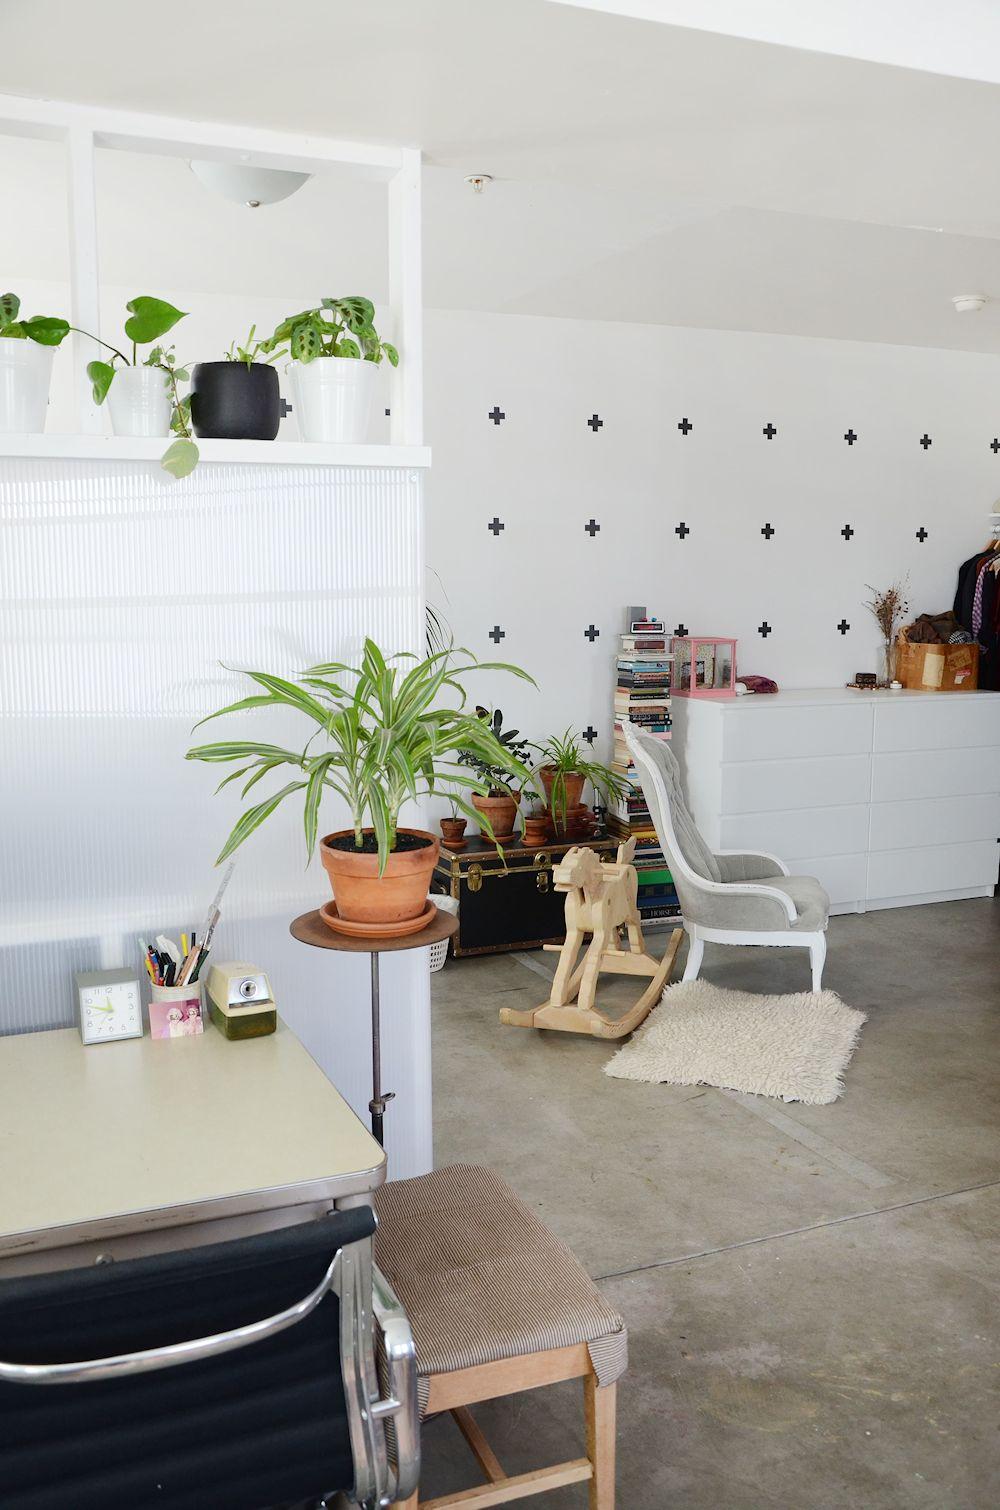 Muebles Usados Textiles Y Plantas En La Decoraci N De Un